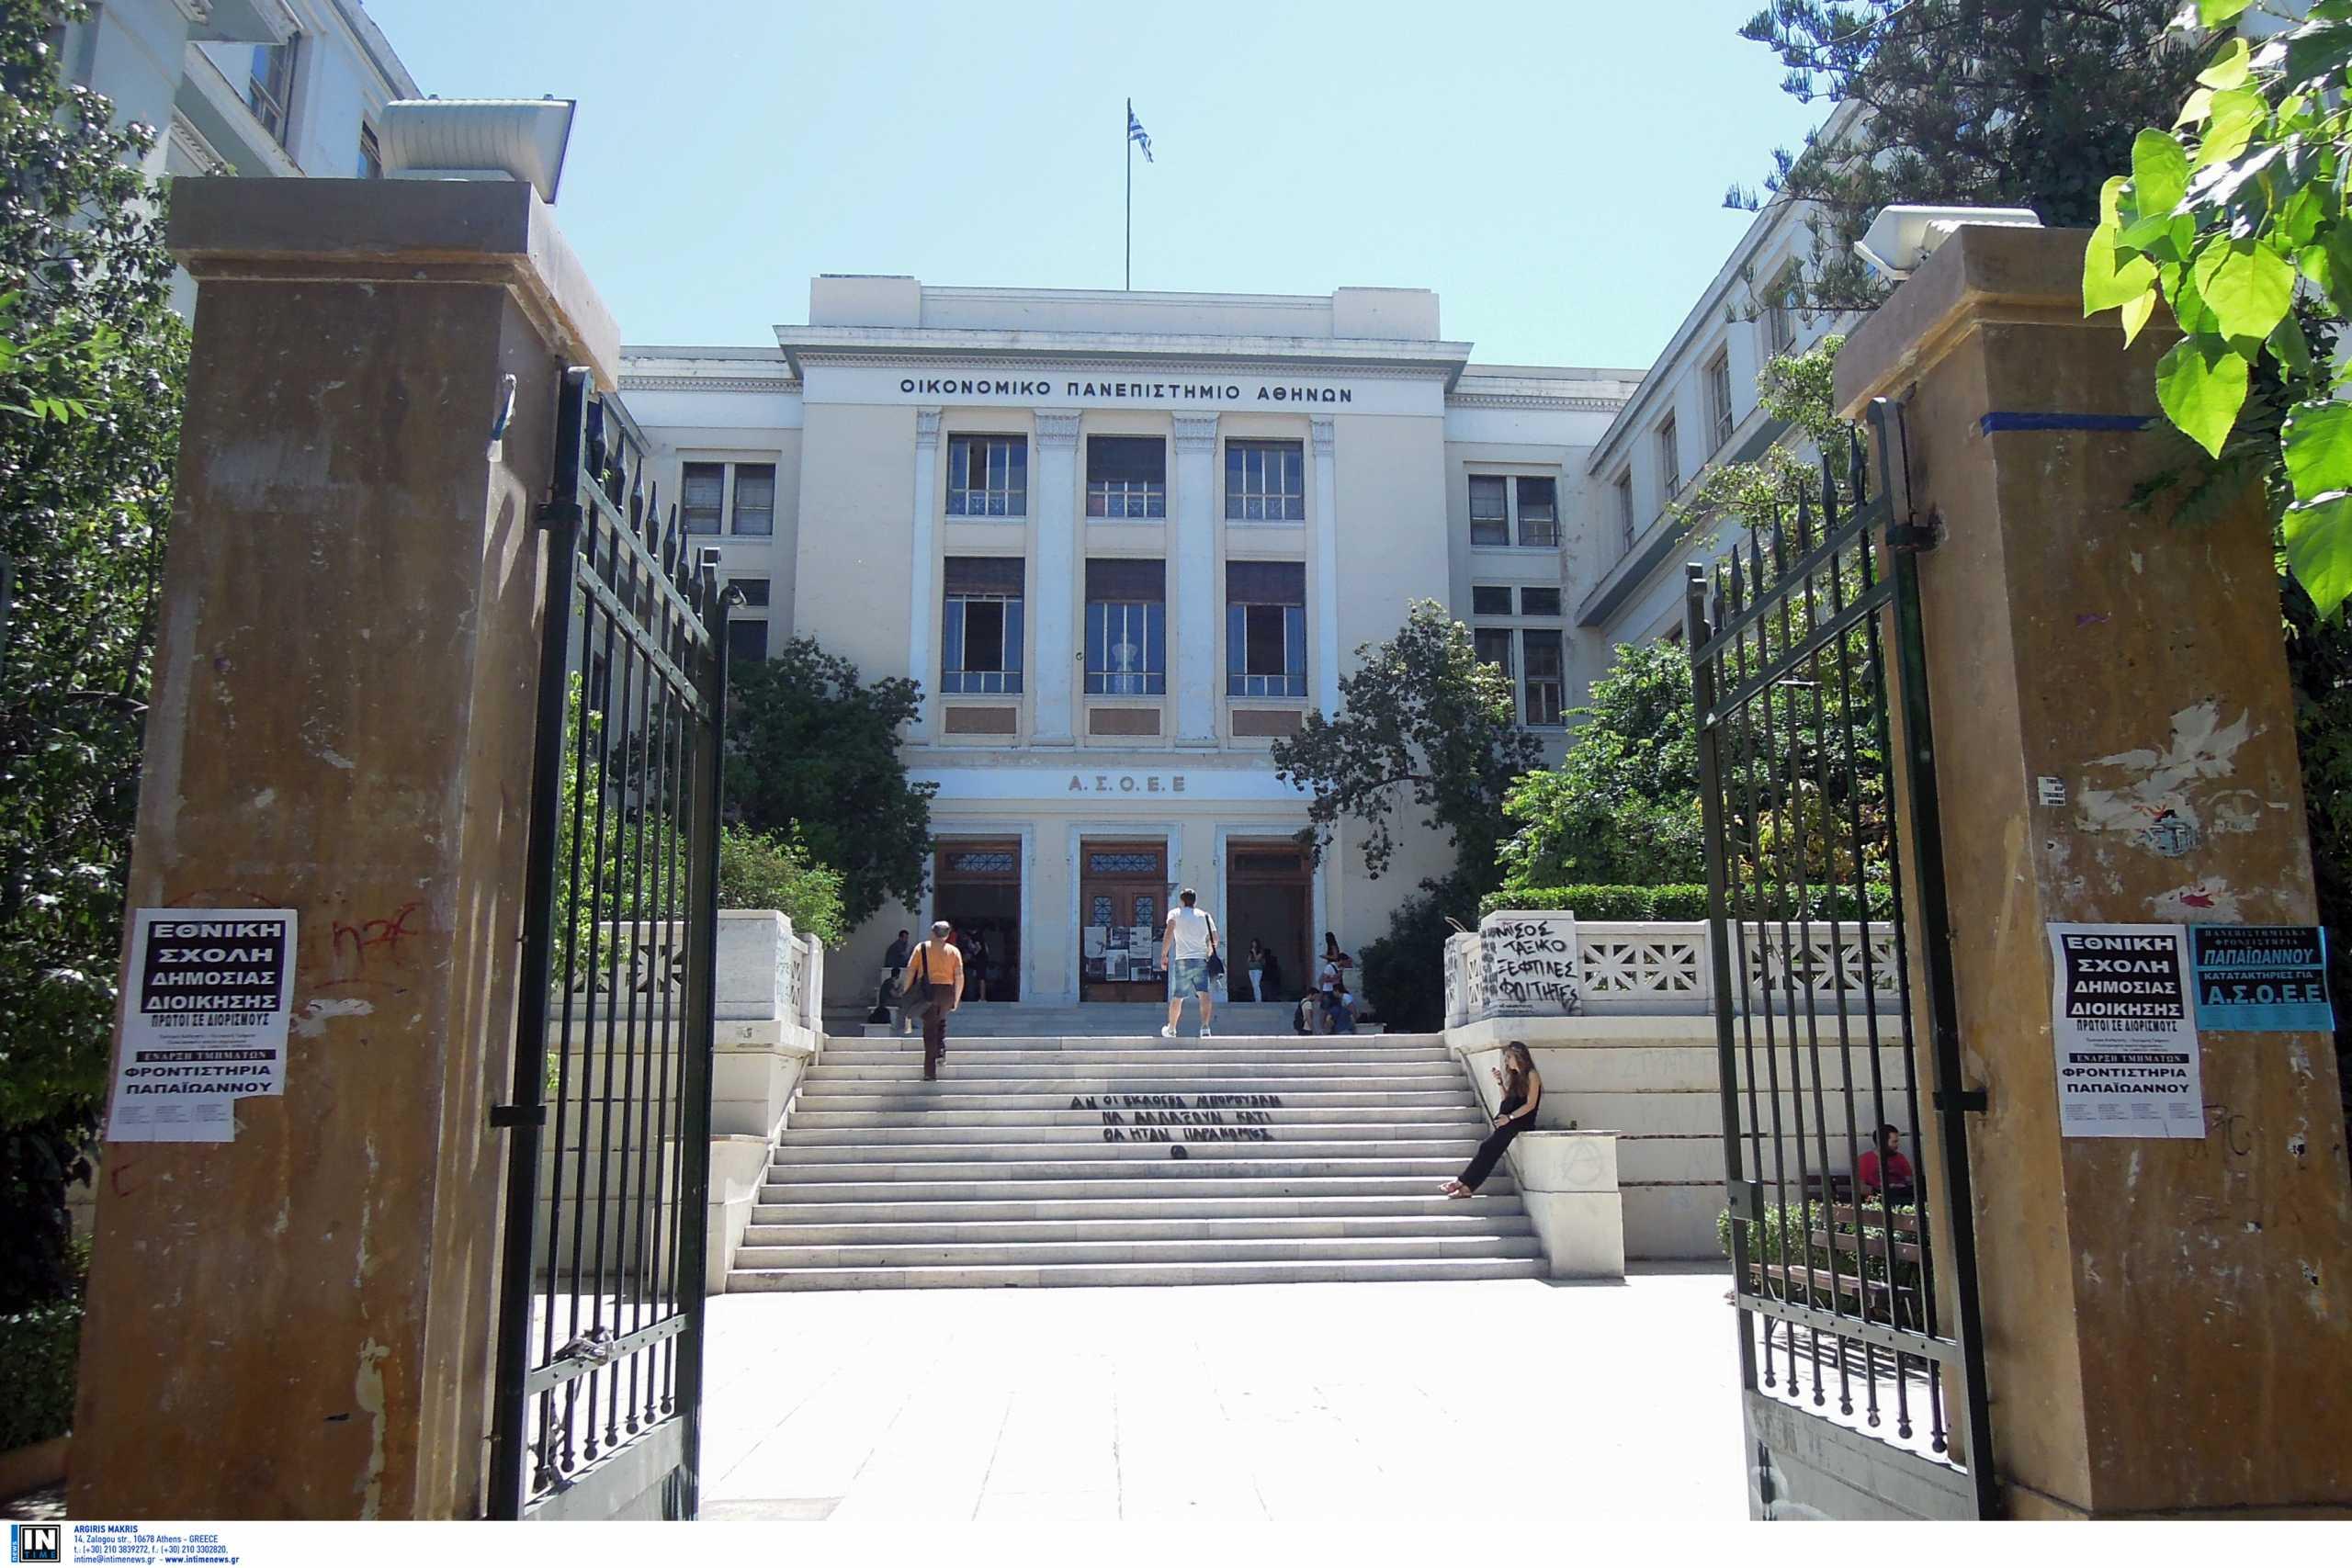 ΑΣΟΕΕ: Φοιτητής κατήγγειλε ξυλοδαρμό μέσα στο Οικονομικό Πανεπιστήμιο